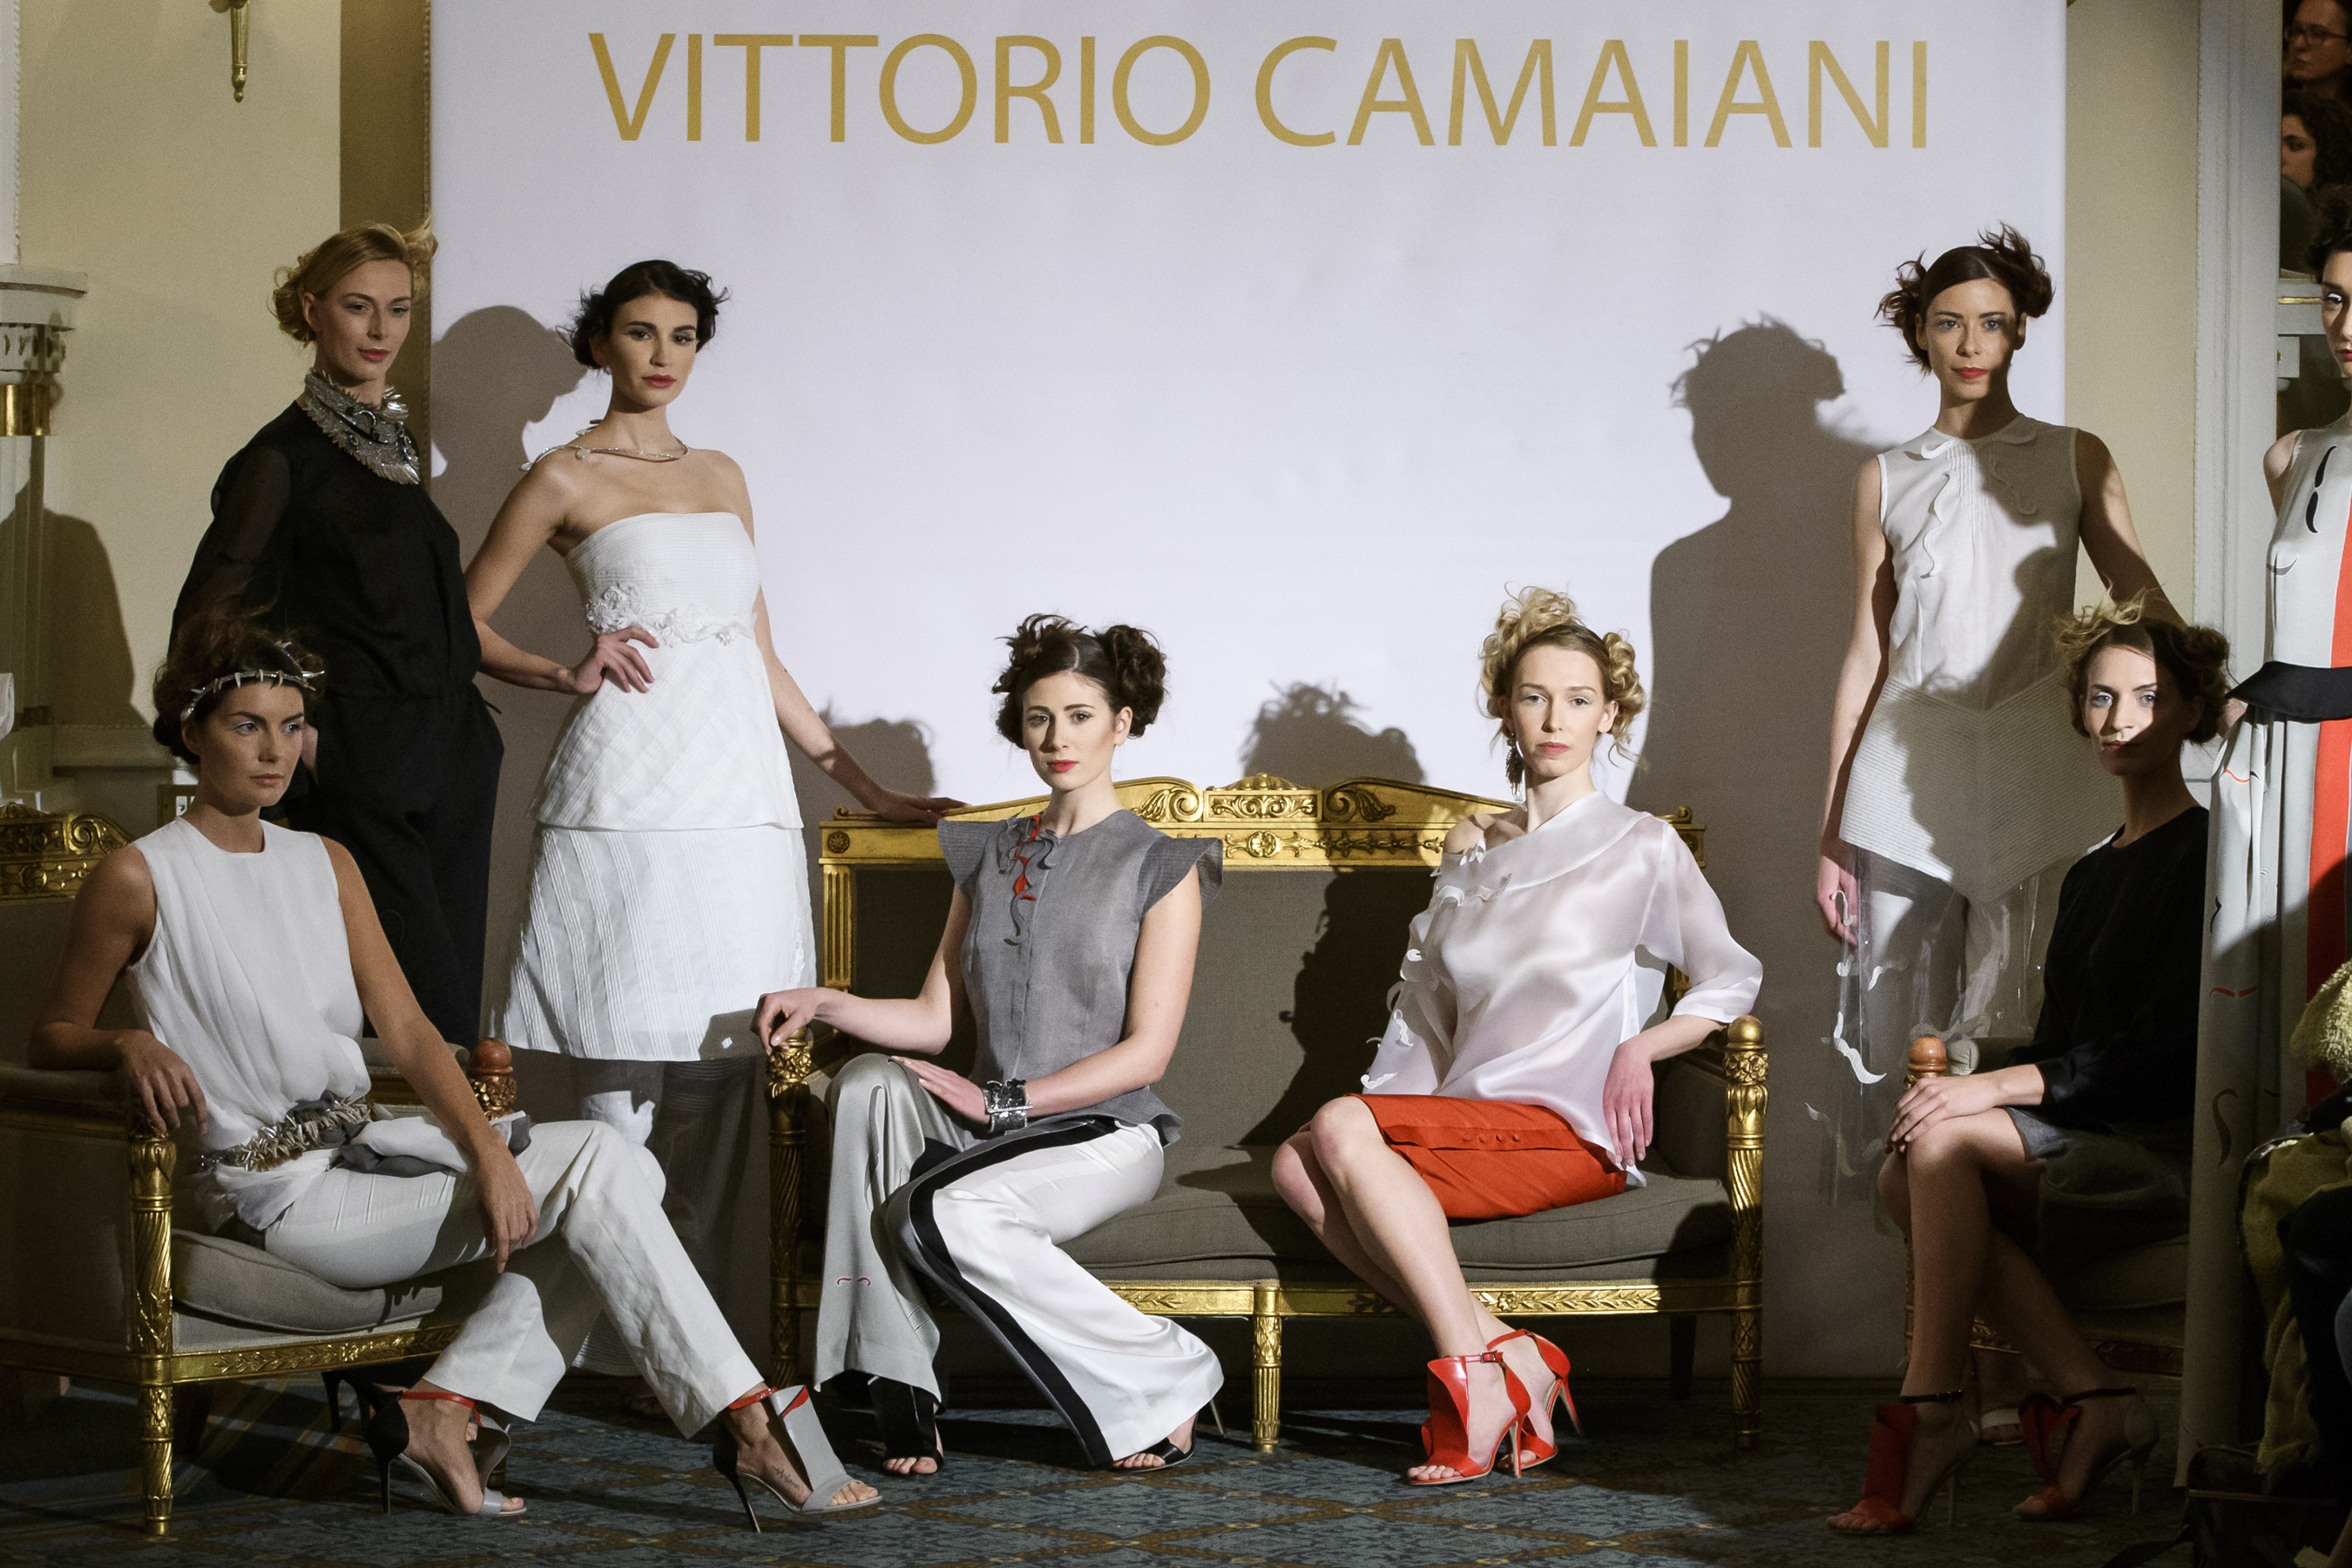 Vittorio Camaiani AR RS17 9626